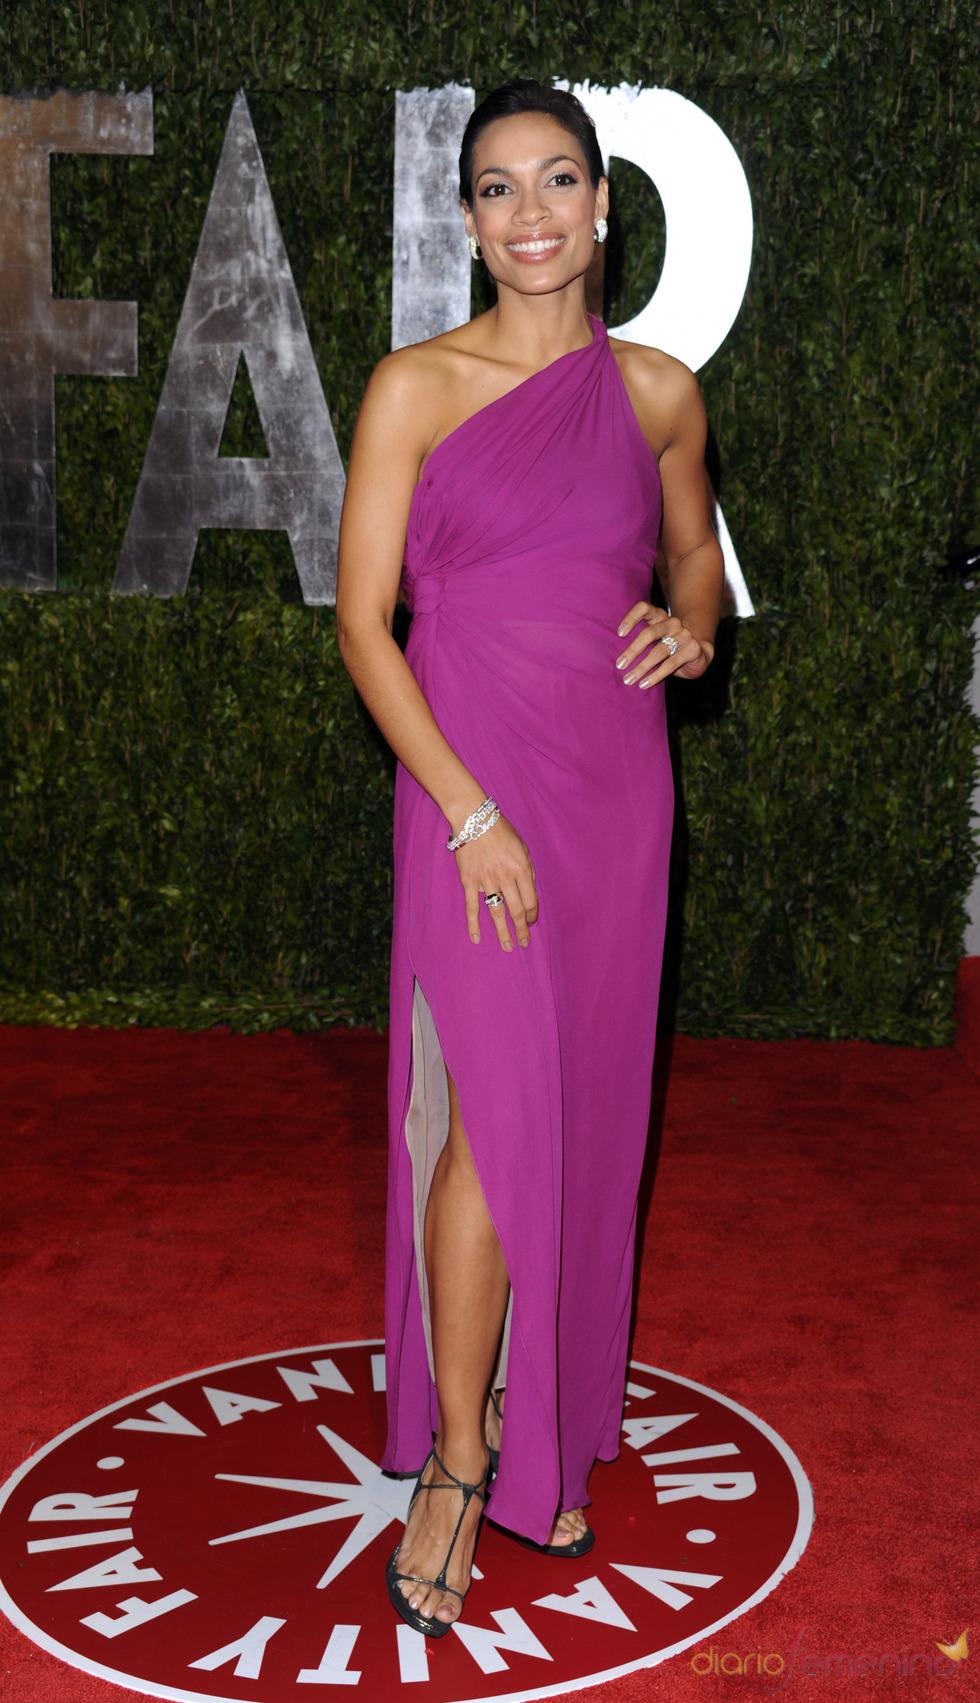 Rosario Dawson en la fiesta Vanity Fair Oscar 2010